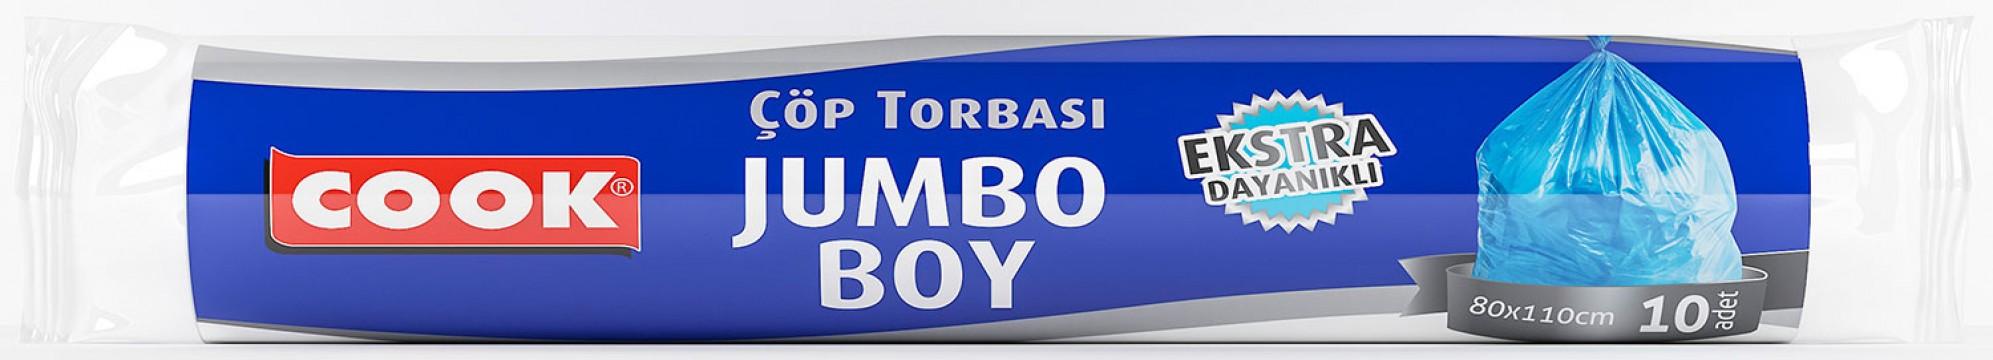 Cook Çöp Torbası 80x110 Cm Jumbo Extra 10'lu